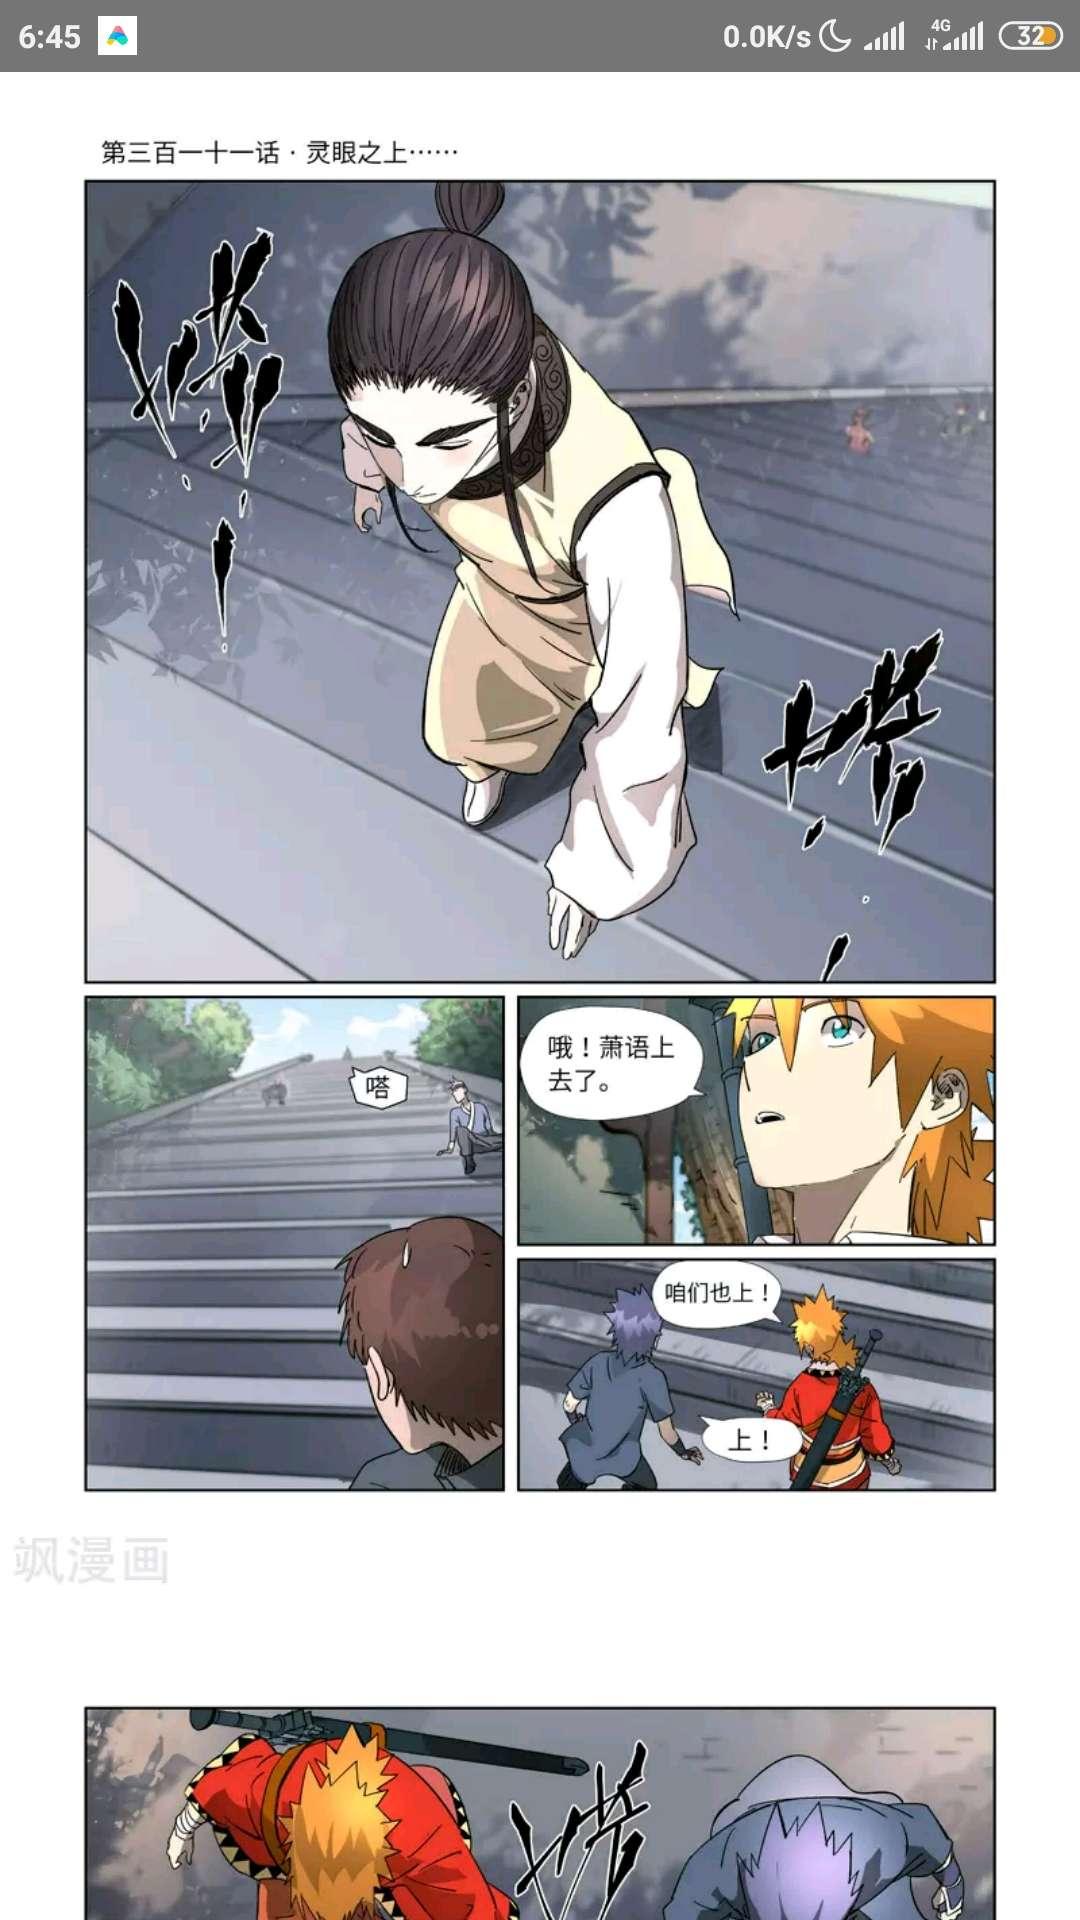 【漫画更新】妖神记  311话灵眼之上……(上)-小柚妹站